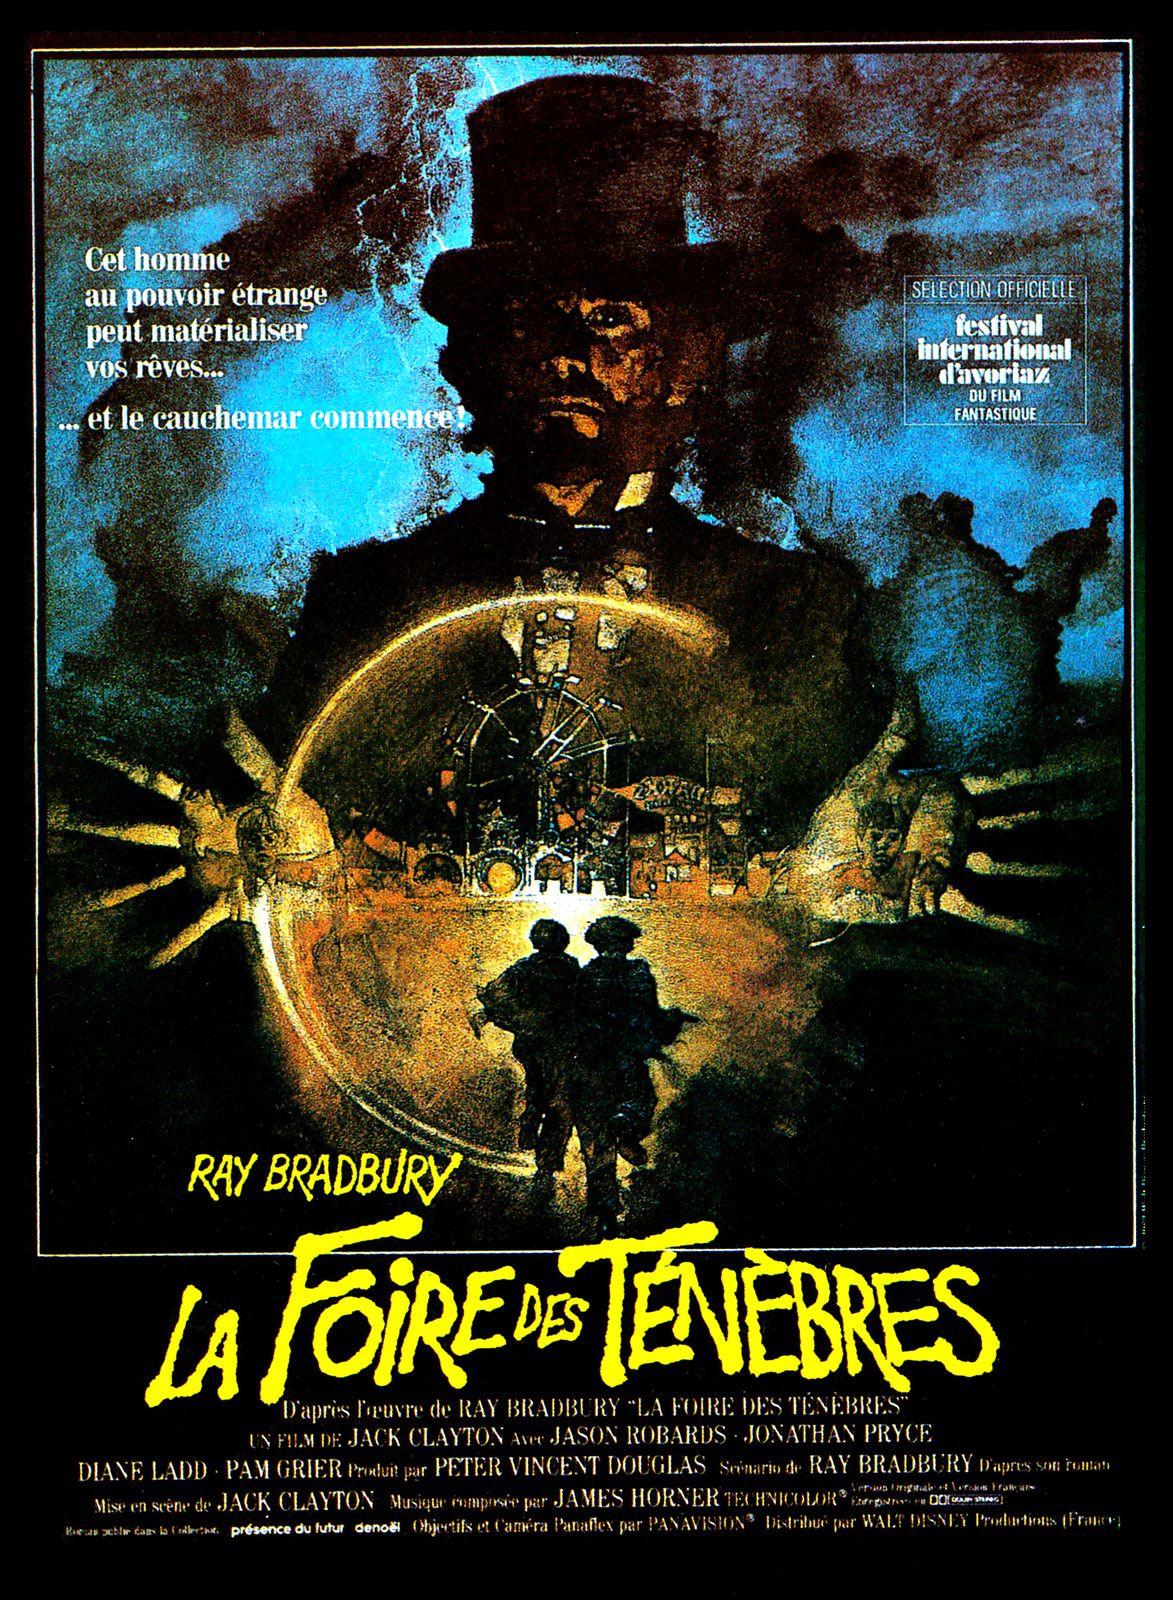 La Foire des ténèbres (1983) de Jack Clayton